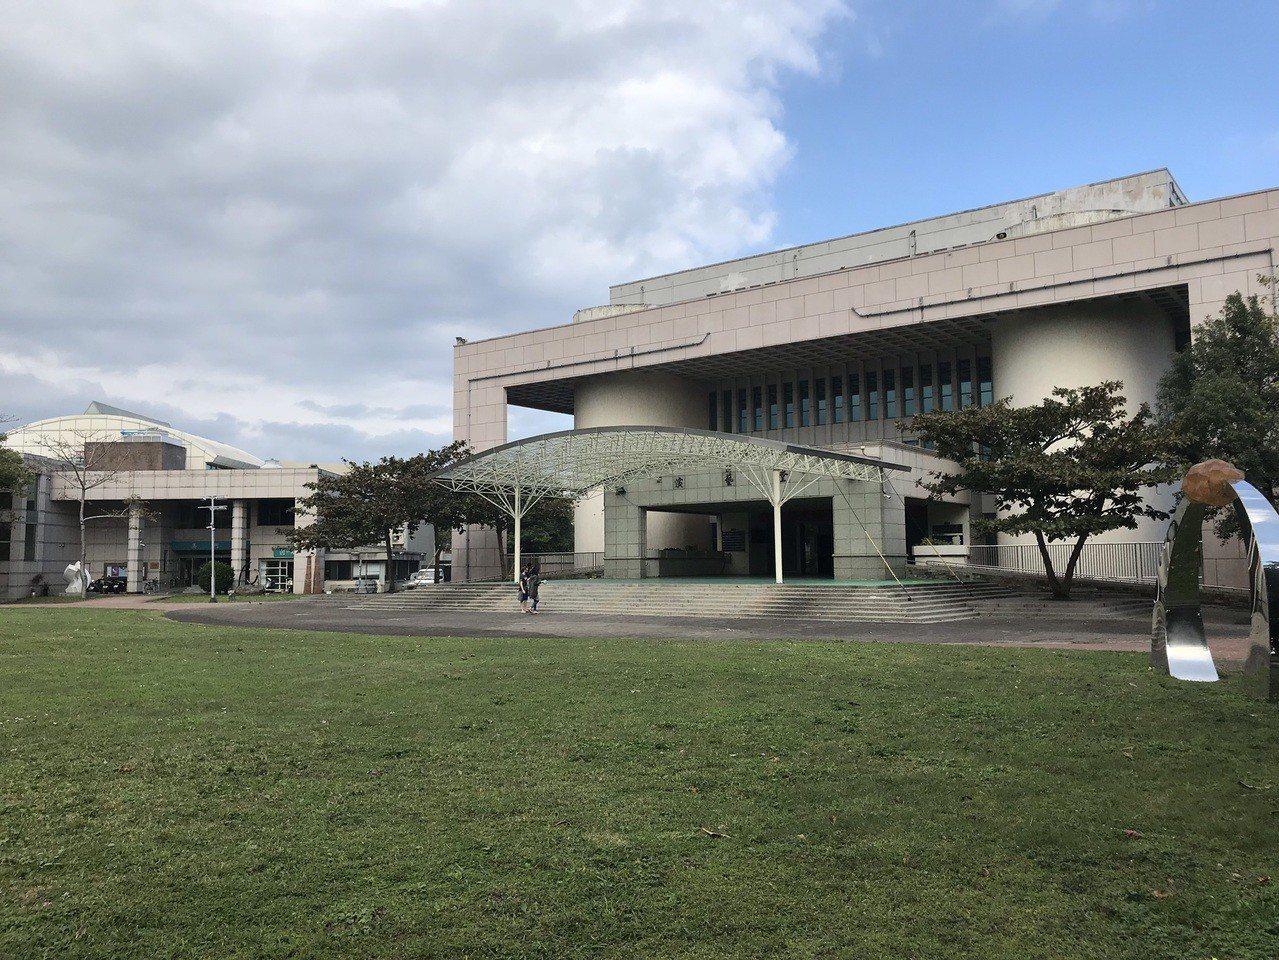 花蓮文化局推動「羅浮宮計畫」,重建演藝廳是計畫中的一環。記者王燕華/攝影